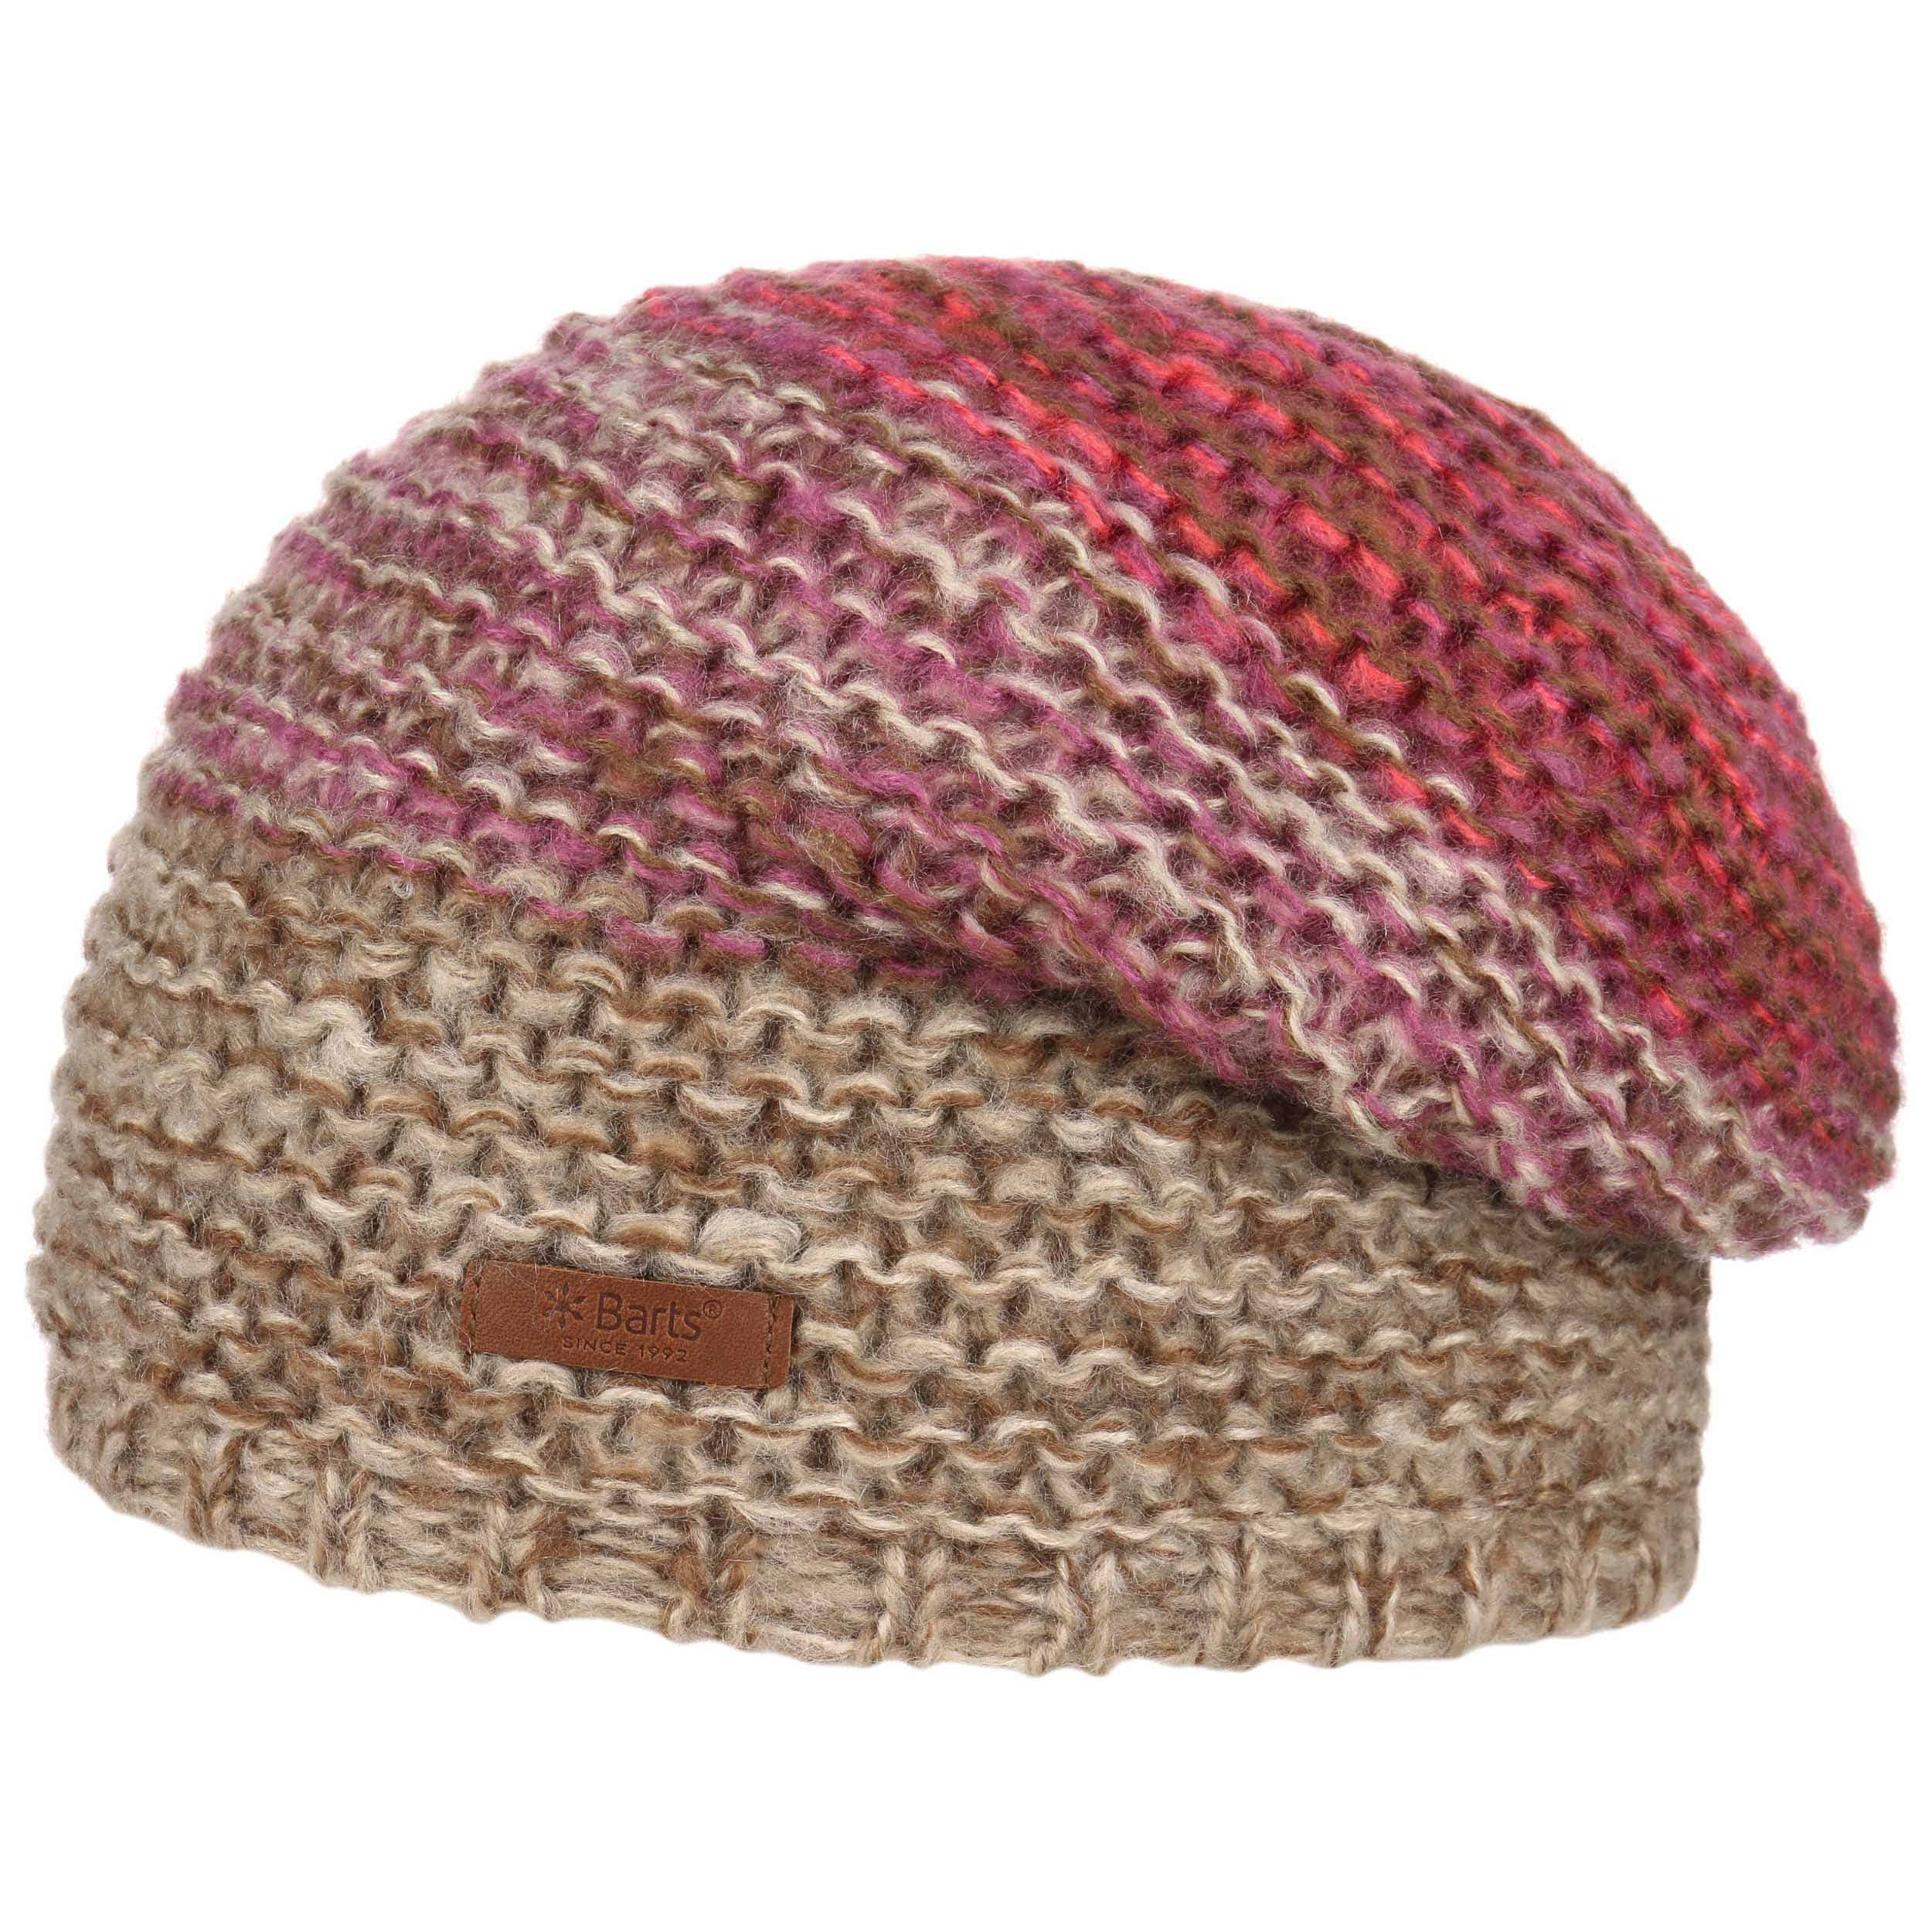 Gorro Mujer de Punto Sacha by Barts - Gorros - sombreroshop.es 6b18d0549de